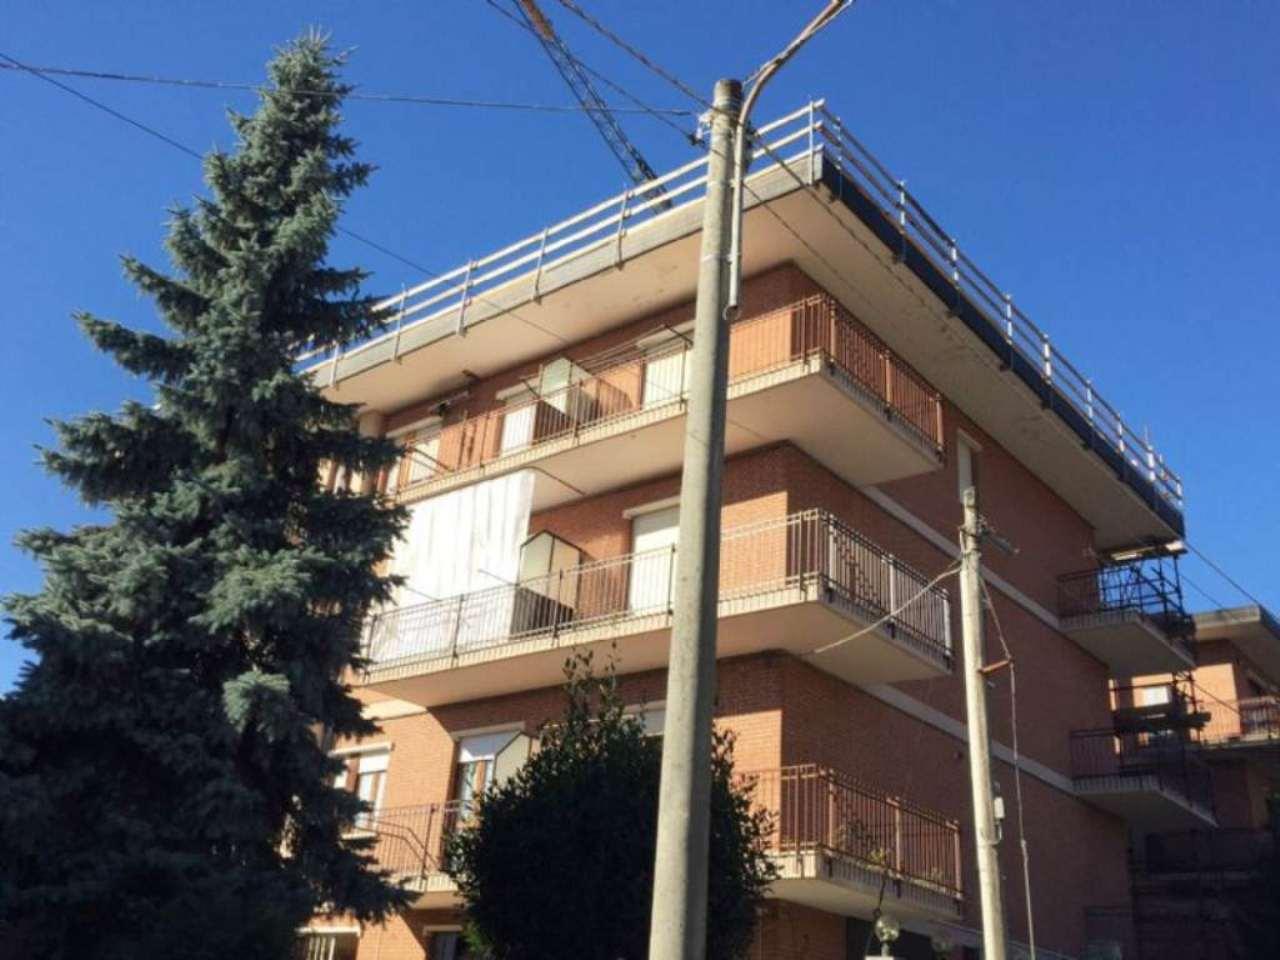 Appartamento in vendita a Corio, 3 locali, prezzo € 70.000 | CambioCasa.it